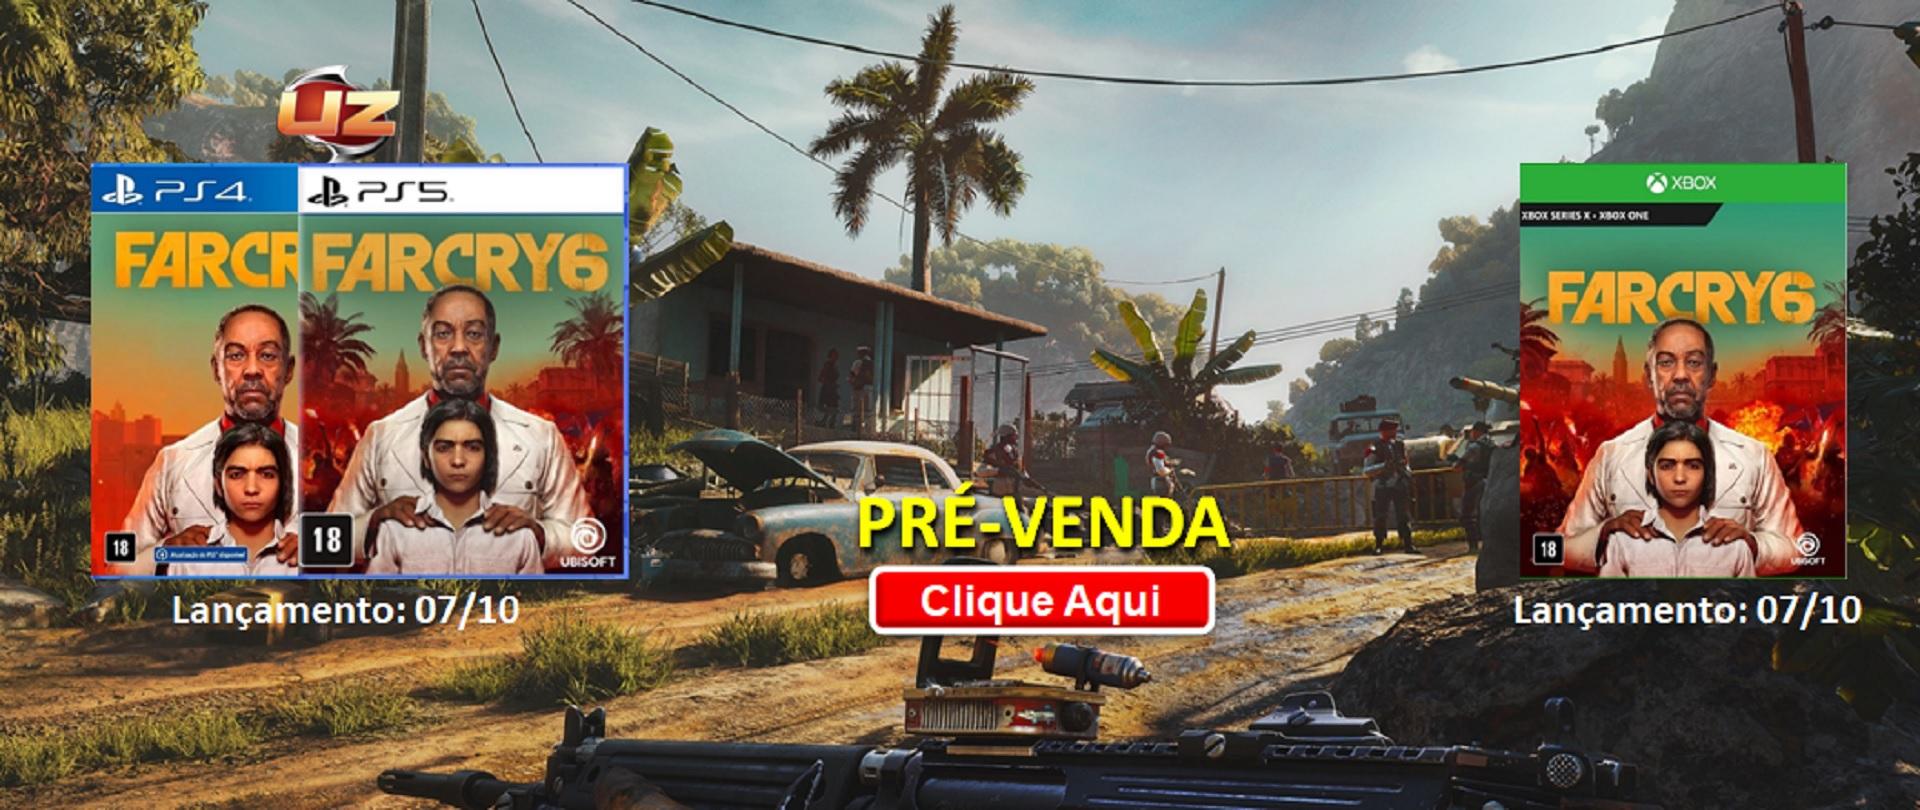 FIFA2022